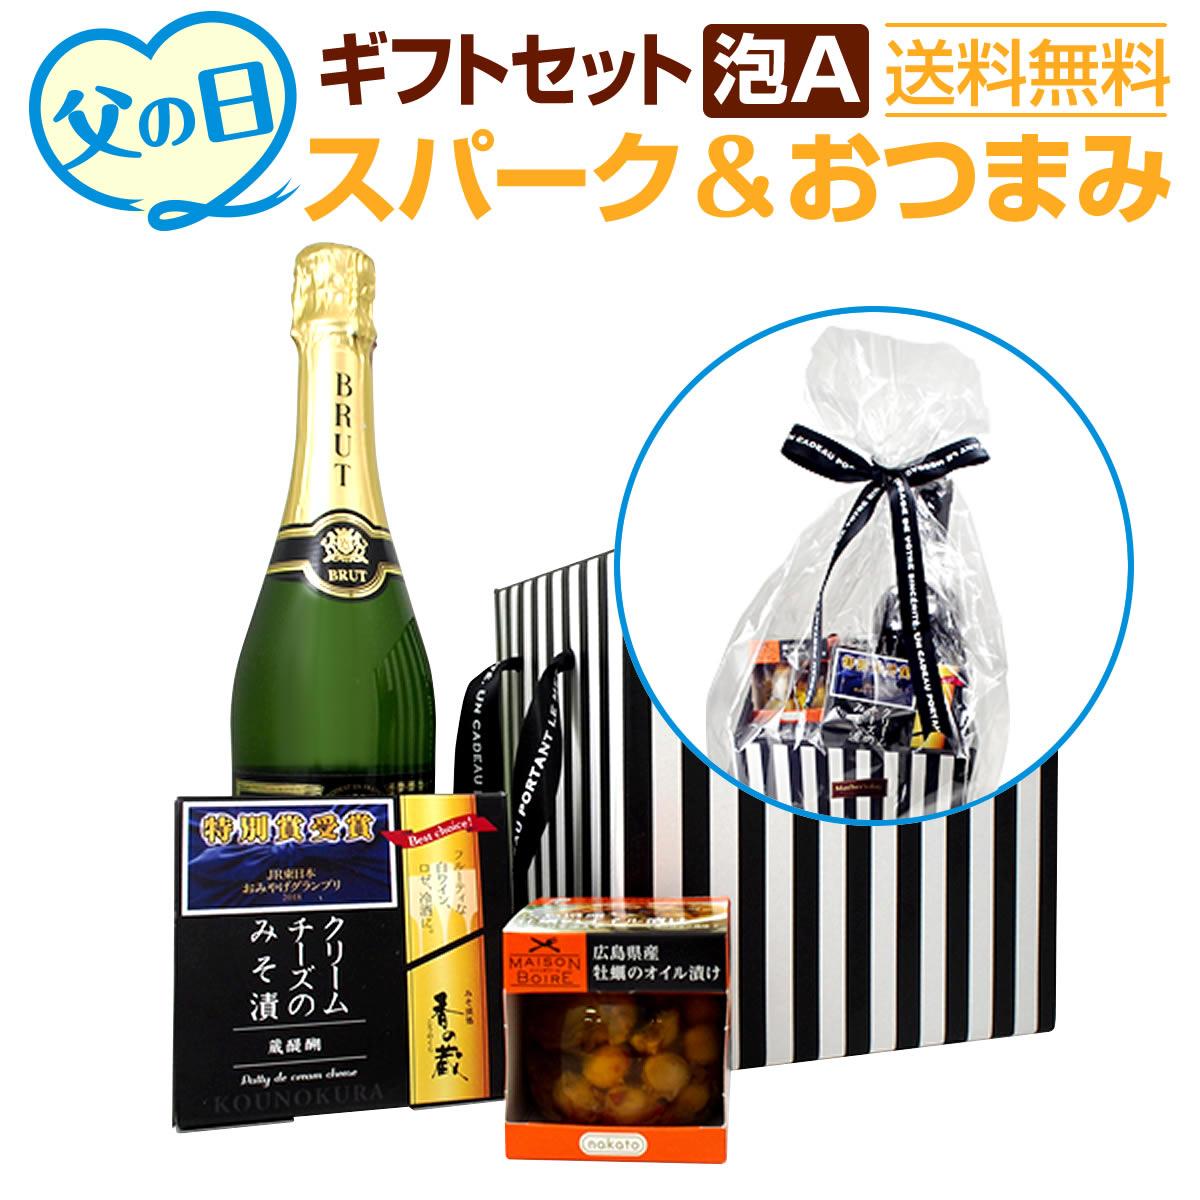 【送料無料】父の日ギフトセット泡Aギフトプレゼント ギフト プレゼント 食品 おつまみセット 誕生日 酒 ワイン セット スパークリングワイン